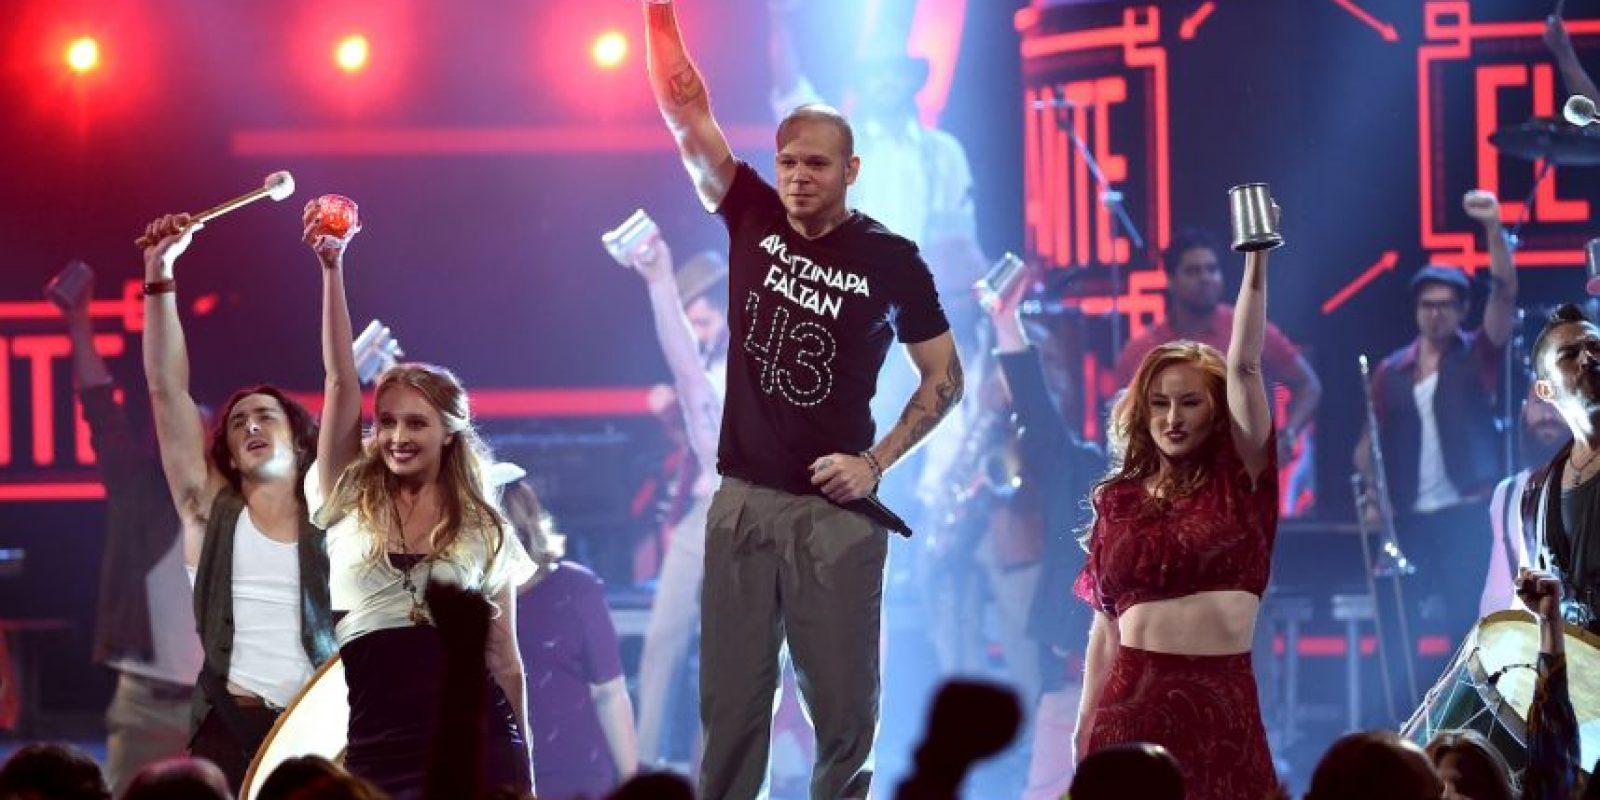 Calle 13 es una banda de rap y rock fusión de Puerto Rico Foto:Getty Images